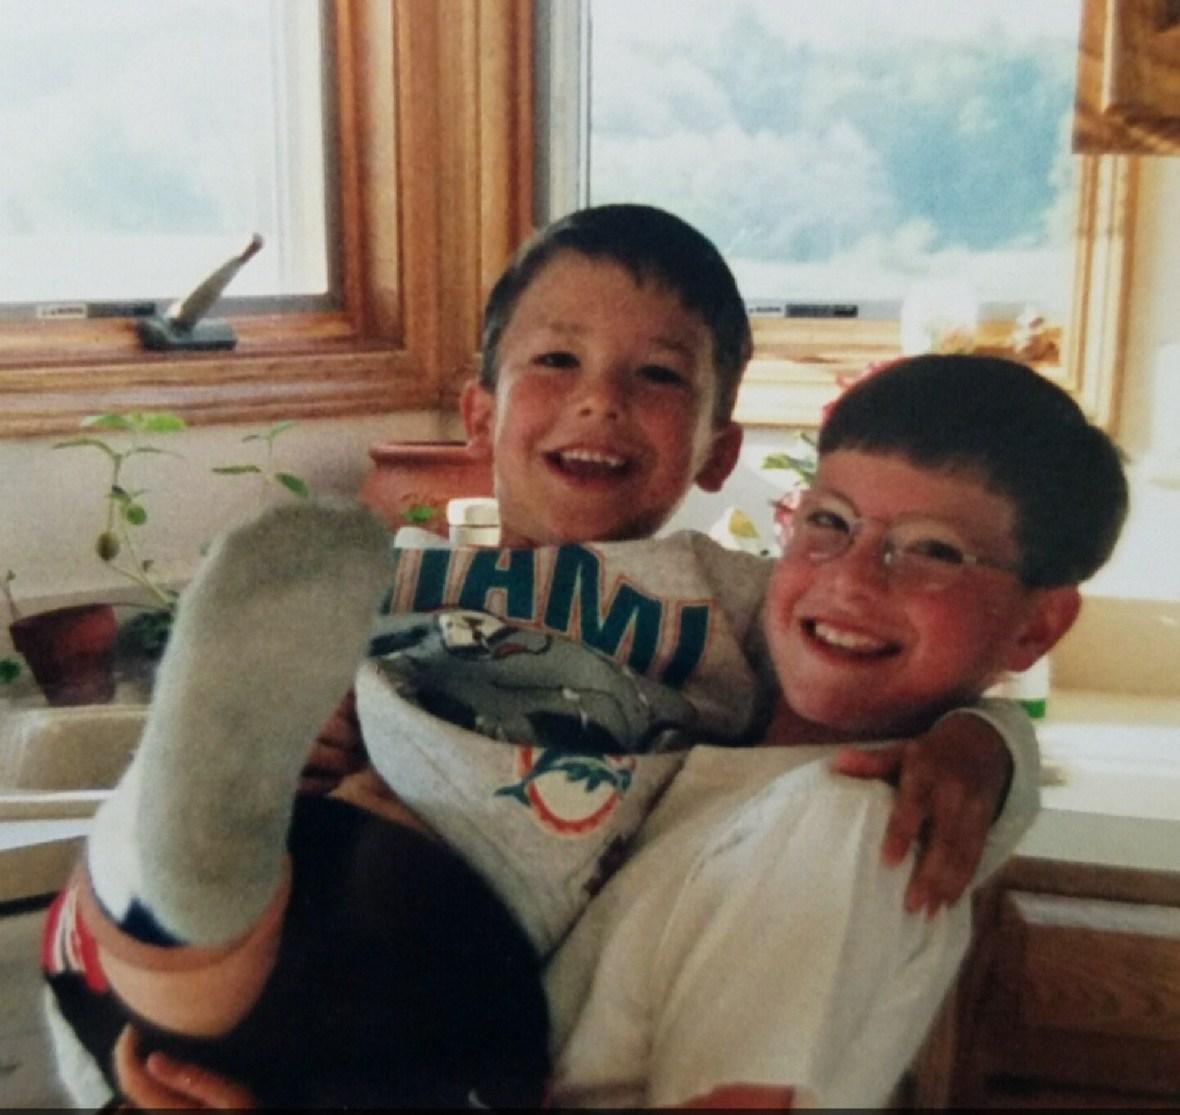 Adam & Danny